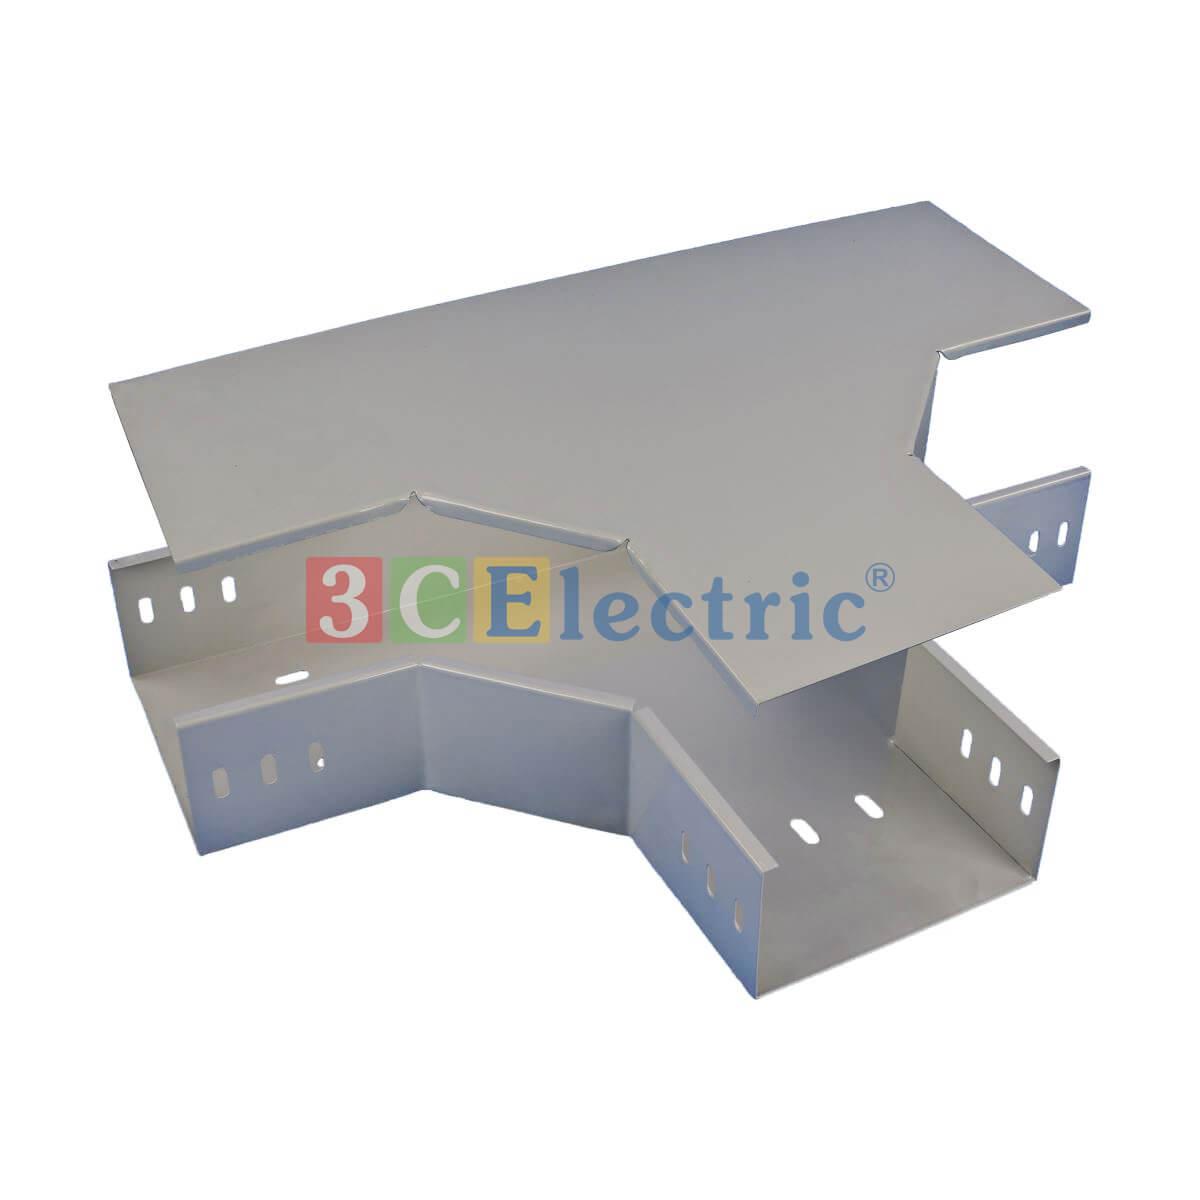 Cút nối T máng cáp sơn tĩnh điện 100×50 dày 1.2